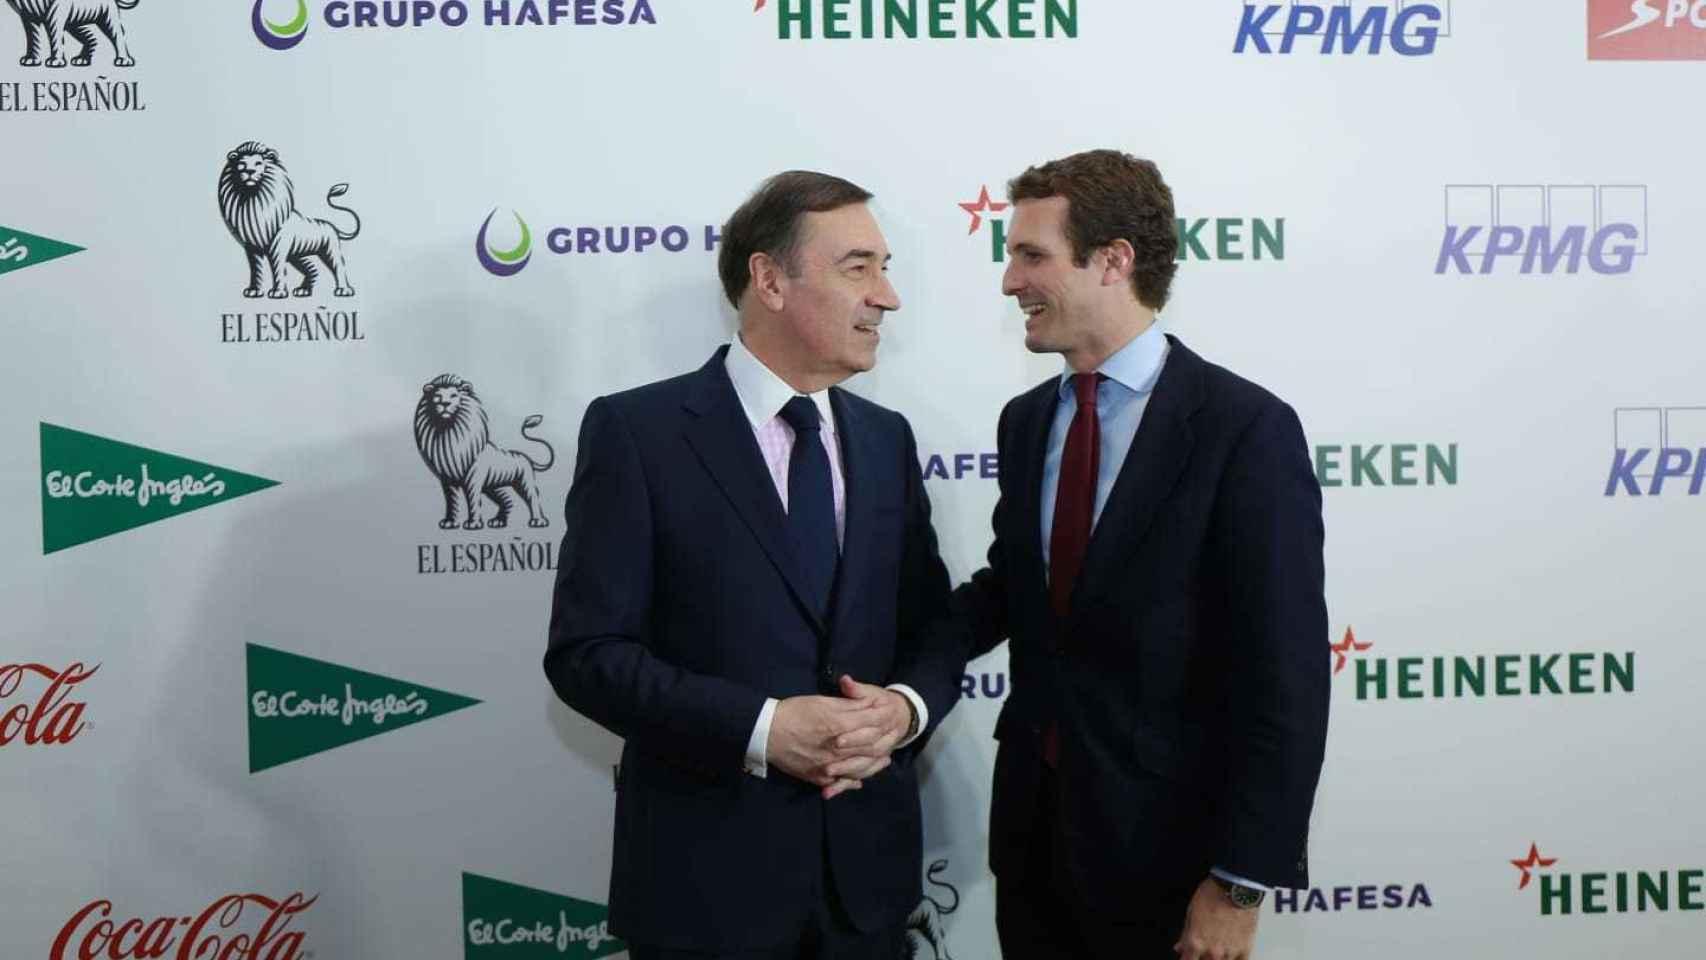 Las personalidades de la política, en los premios Los Leones de EL ESPAÑOL 2018